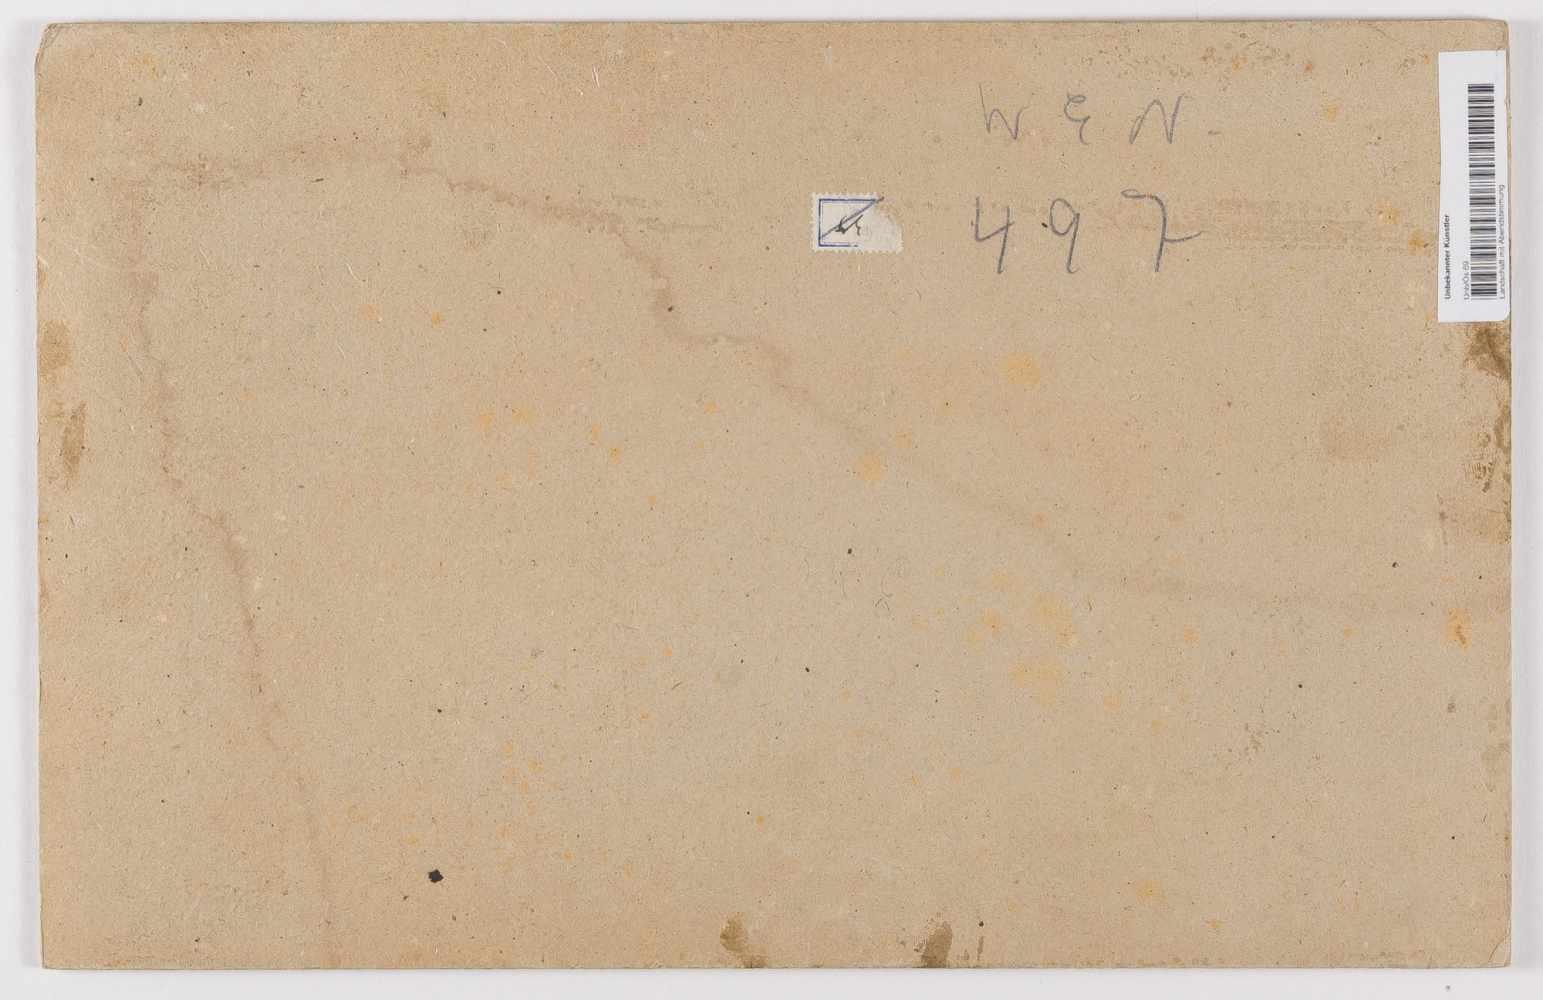 Lot 39 - Deutsch um 1860/70Landschaft in AbendstimmungÖl auf Leinwand, auf Karton aufgezogen. 24,8 x 38,3